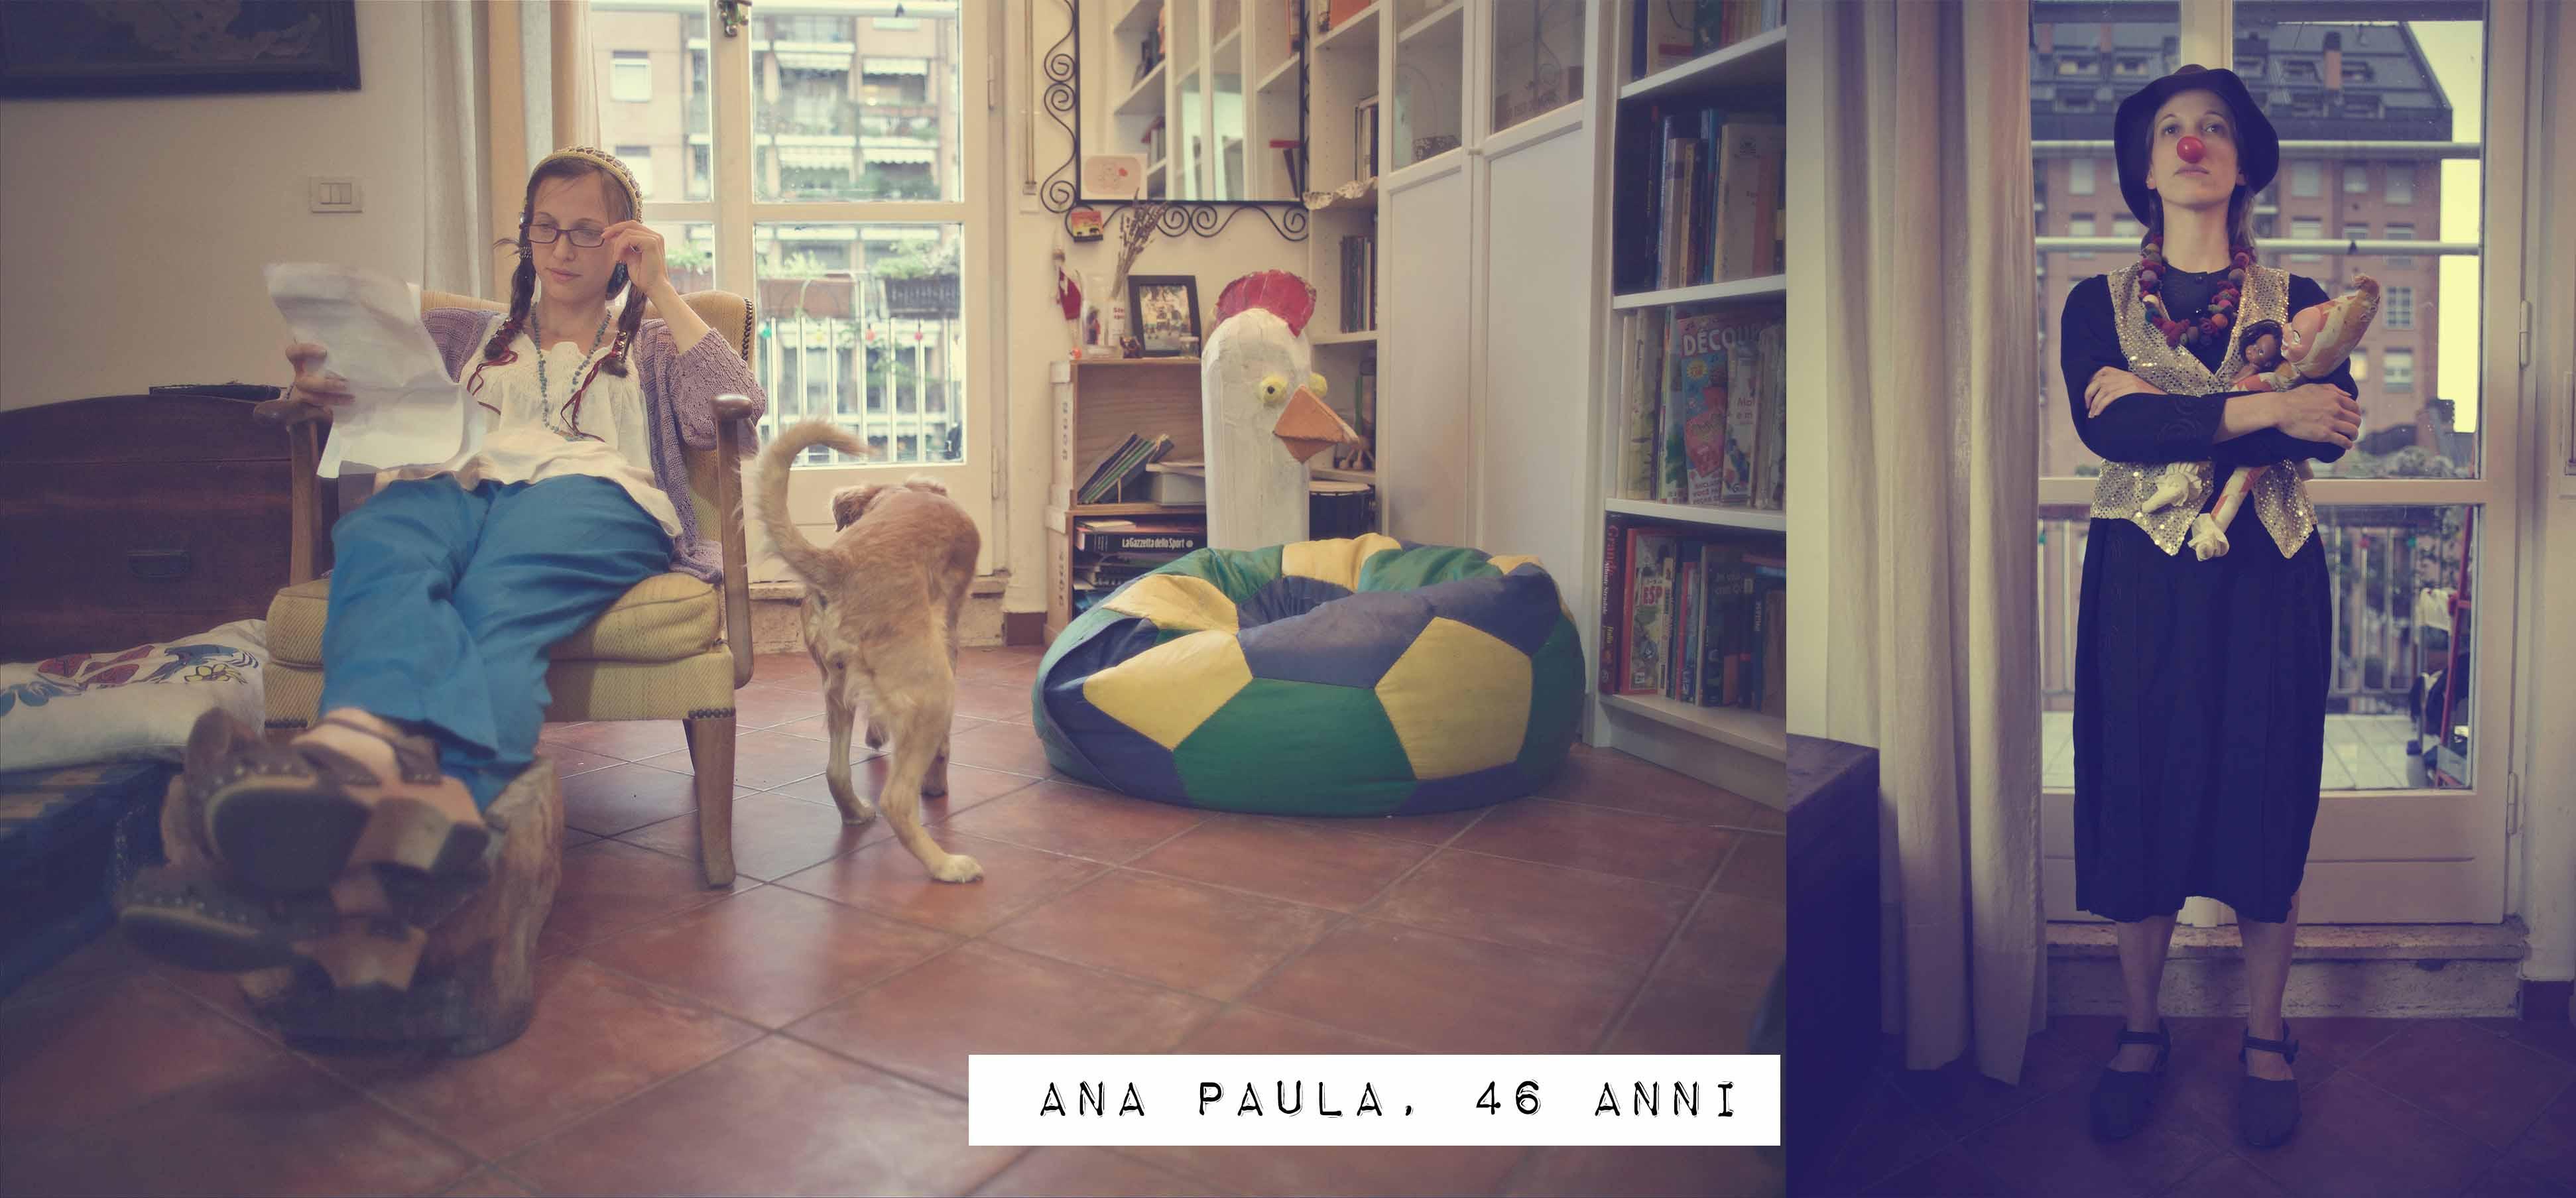 Ana Paula, 46 anni